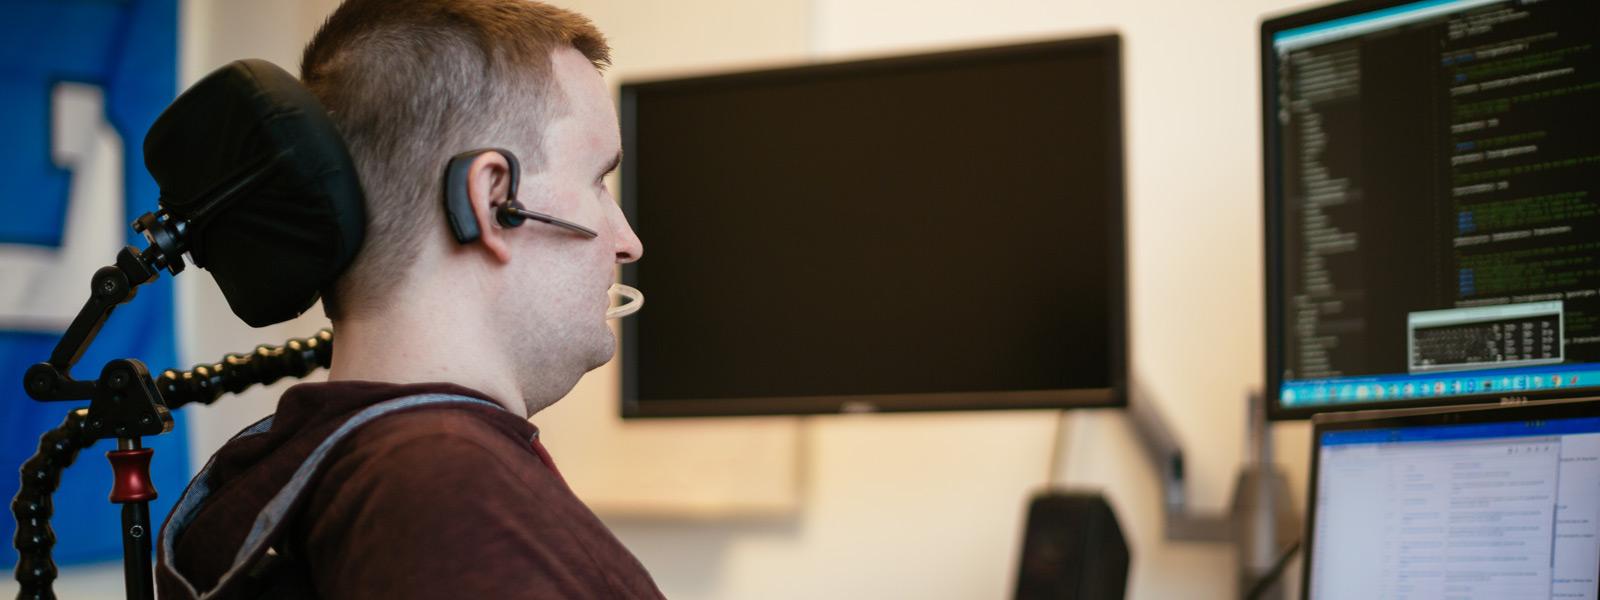 Mann ved et skrivebord som bruker assisterende maskinvareteknologi til å betjene en Windows 10-datamaskin med øyekontroll